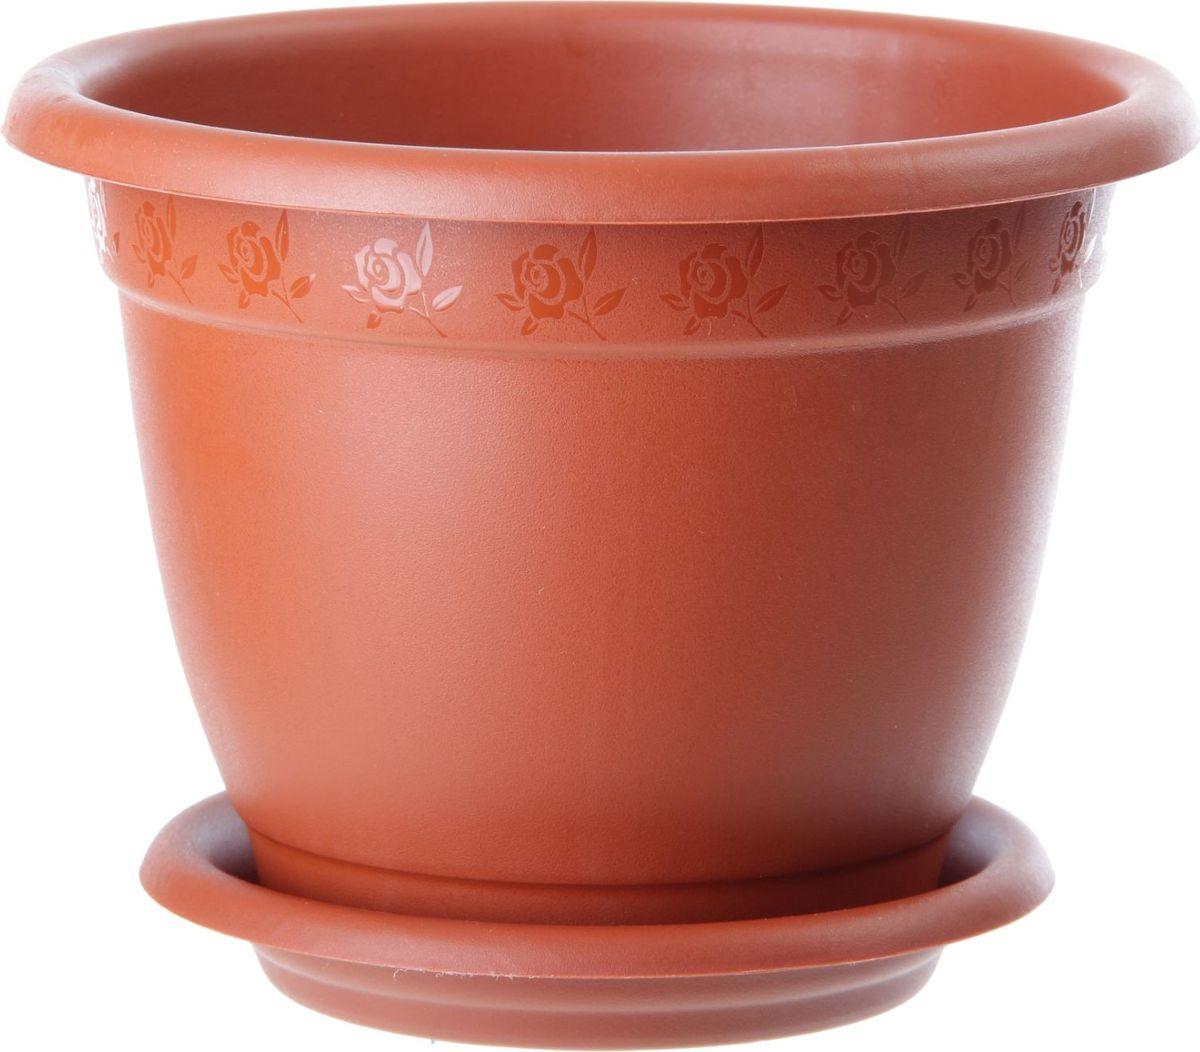 Горшок для цветов InGreen Борнео, с поддоном, цвет: терракотовый, диаметр 24 смЯБ501401Любой, даже самый современный и продуманный интерьер будет не завершённым без растений. Они не только очищают воздух и насыщают его кислородом, но и заметно украшают окружающее пространство. Такому полезному &laquo члену семьи&raquoпросто необходимо красивое и функциональное кашпо, оригинальный горшок или необычная ваза! Мы предлагаем - Горшок для цветов d=24 см Борнео 4,4 л, с подставкой, цвет терракотовый!Оптимальный выбор материала &mdash &nbsp пластмасса! Почему мы так считаем? Малый вес. С лёгкостью переносите горшки и кашпо с места на место, ставьте их на столики или полки, подвешивайте под потолок, не беспокоясь о нагрузке. Простота ухода. Пластиковые изделия не нуждаются в специальных условиях хранения. Их&nbsp легко чистить &mdashдостаточно просто сполоснуть тёплой водой. Никаких царапин. Пластиковые кашпо не царапают и не загрязняют поверхности, на которых стоят. Пластик дольше хранит влагу, а значит &mdashрастение реже нуждается в поливе. Пластмасса не пропускает воздух &mdashкорневой системе растения не грозят резкие перепады температур. Огромный выбор форм, декора и расцветок &mdashвы без труда подберёте что-то, что идеально впишется в уже существующий интерьер.Соблюдая нехитрые правила ухода, вы можете заметно продлить срок службы горшков, вазонов и кашпо из пластика: всегда учитывайте размер кроны и корневой системы растения (при разрастании большое растение способно повредить маленький горшок)берегите изделие от воздействия прямых солнечных лучей, чтобы кашпо и горшки не выцветалидержите кашпо и горшки из пластика подальше от нагревающихся поверхностей.Создавайте прекрасные цветочные композиции, выращивайте рассаду или необычные растения, а низкие цены позволят вам не ограничивать себя в выборе.